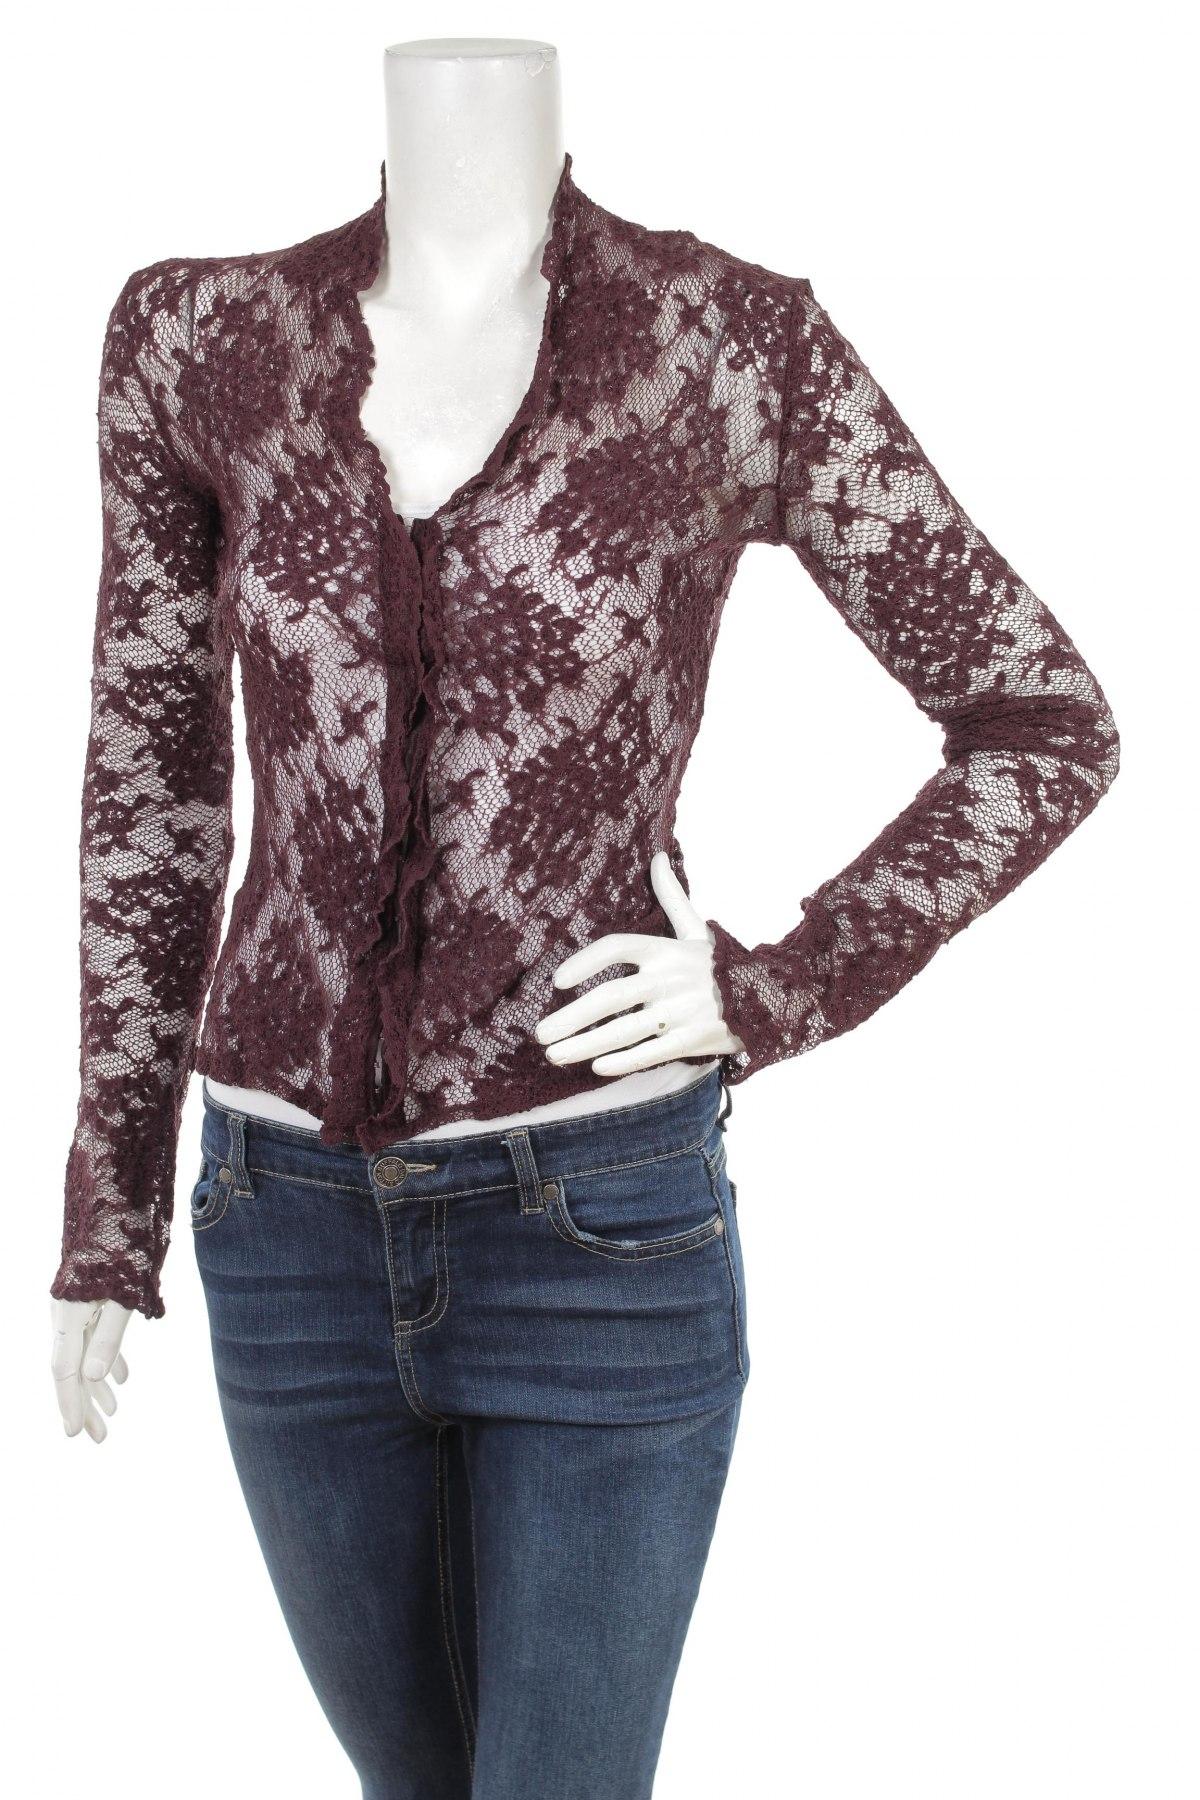 Γυναικείο πουκάμισο, Μέγεθος S, Χρώμα Βιολετί, Τιμή 15,46€